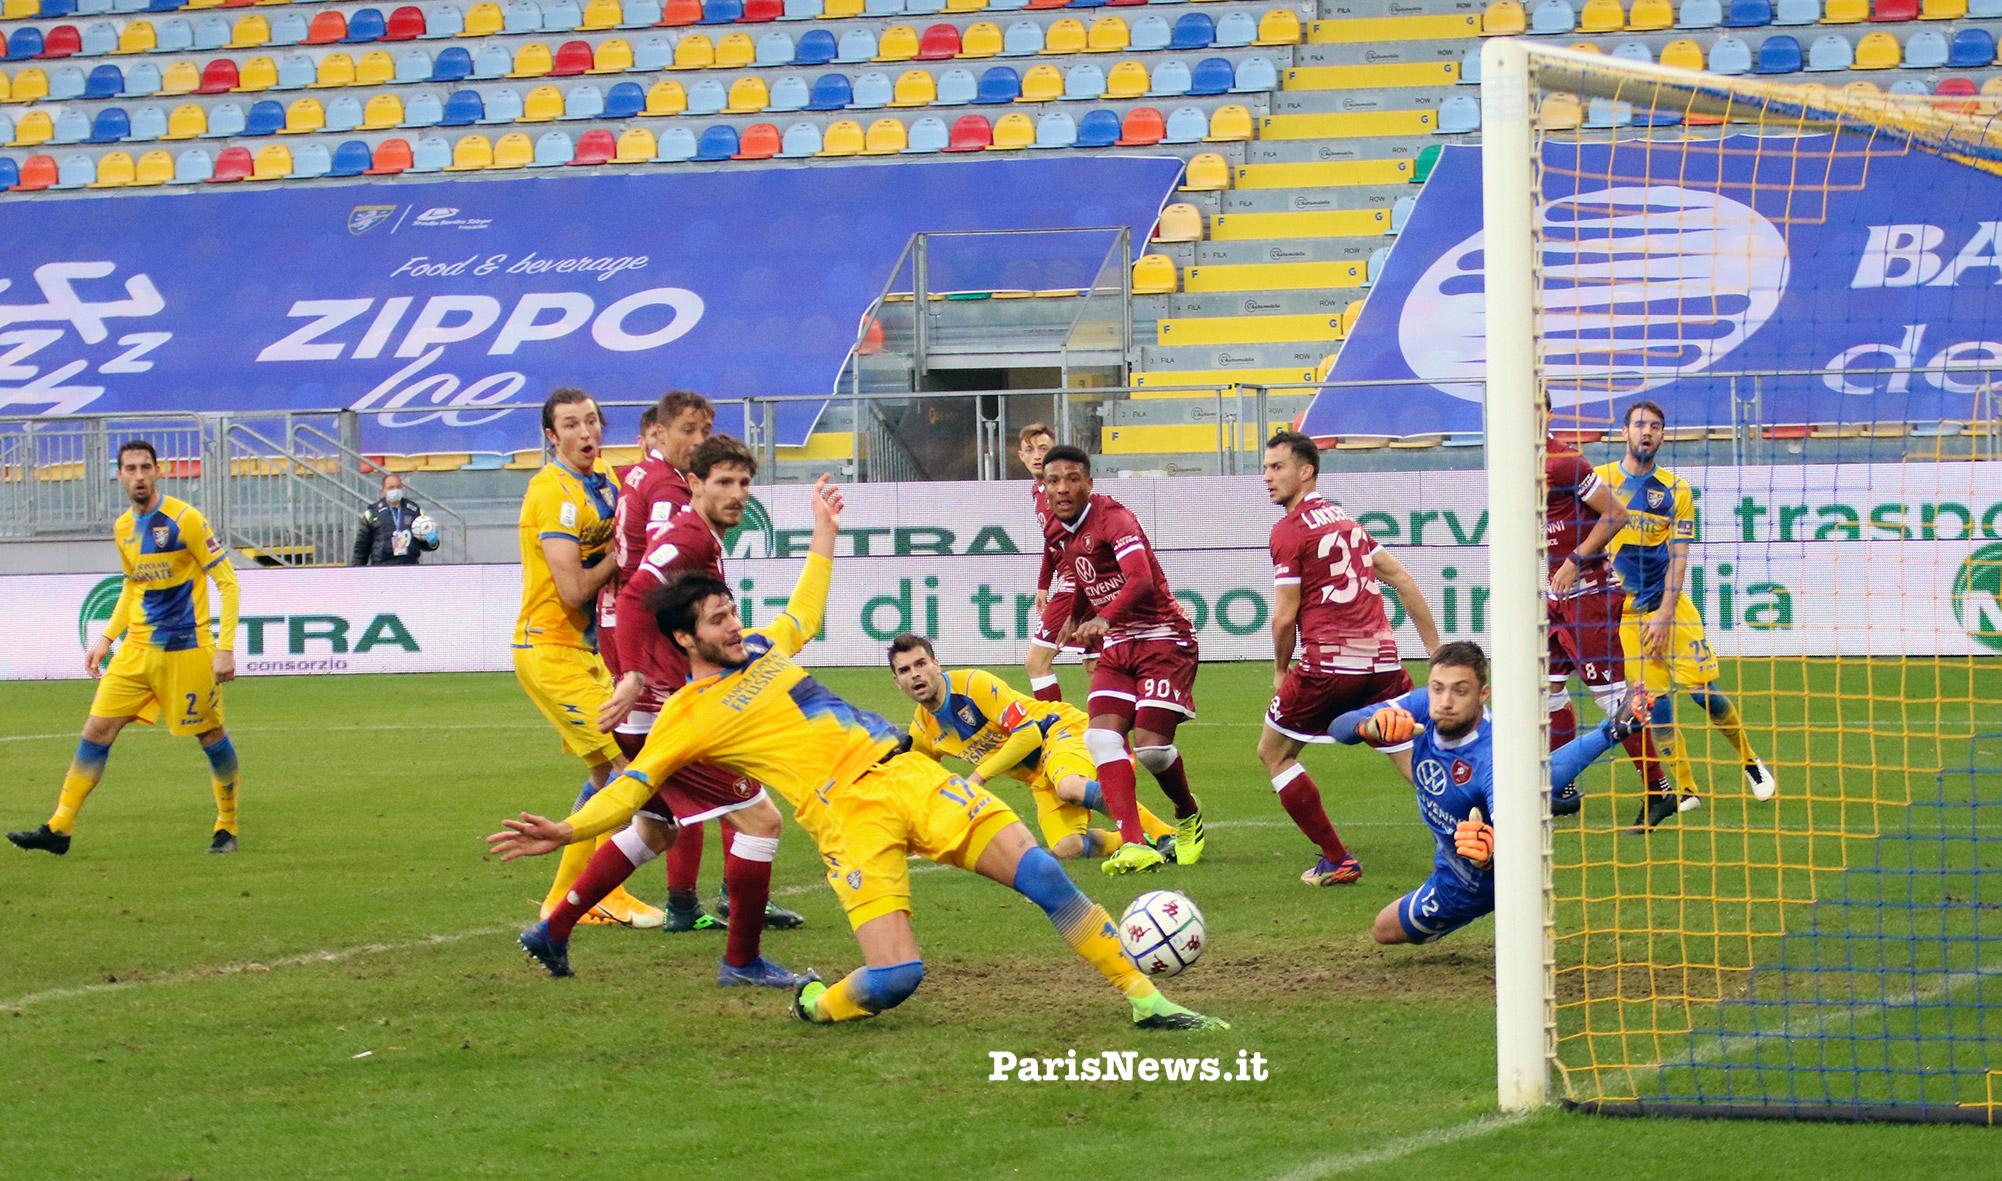 Frosinone - Reggina: 1-1